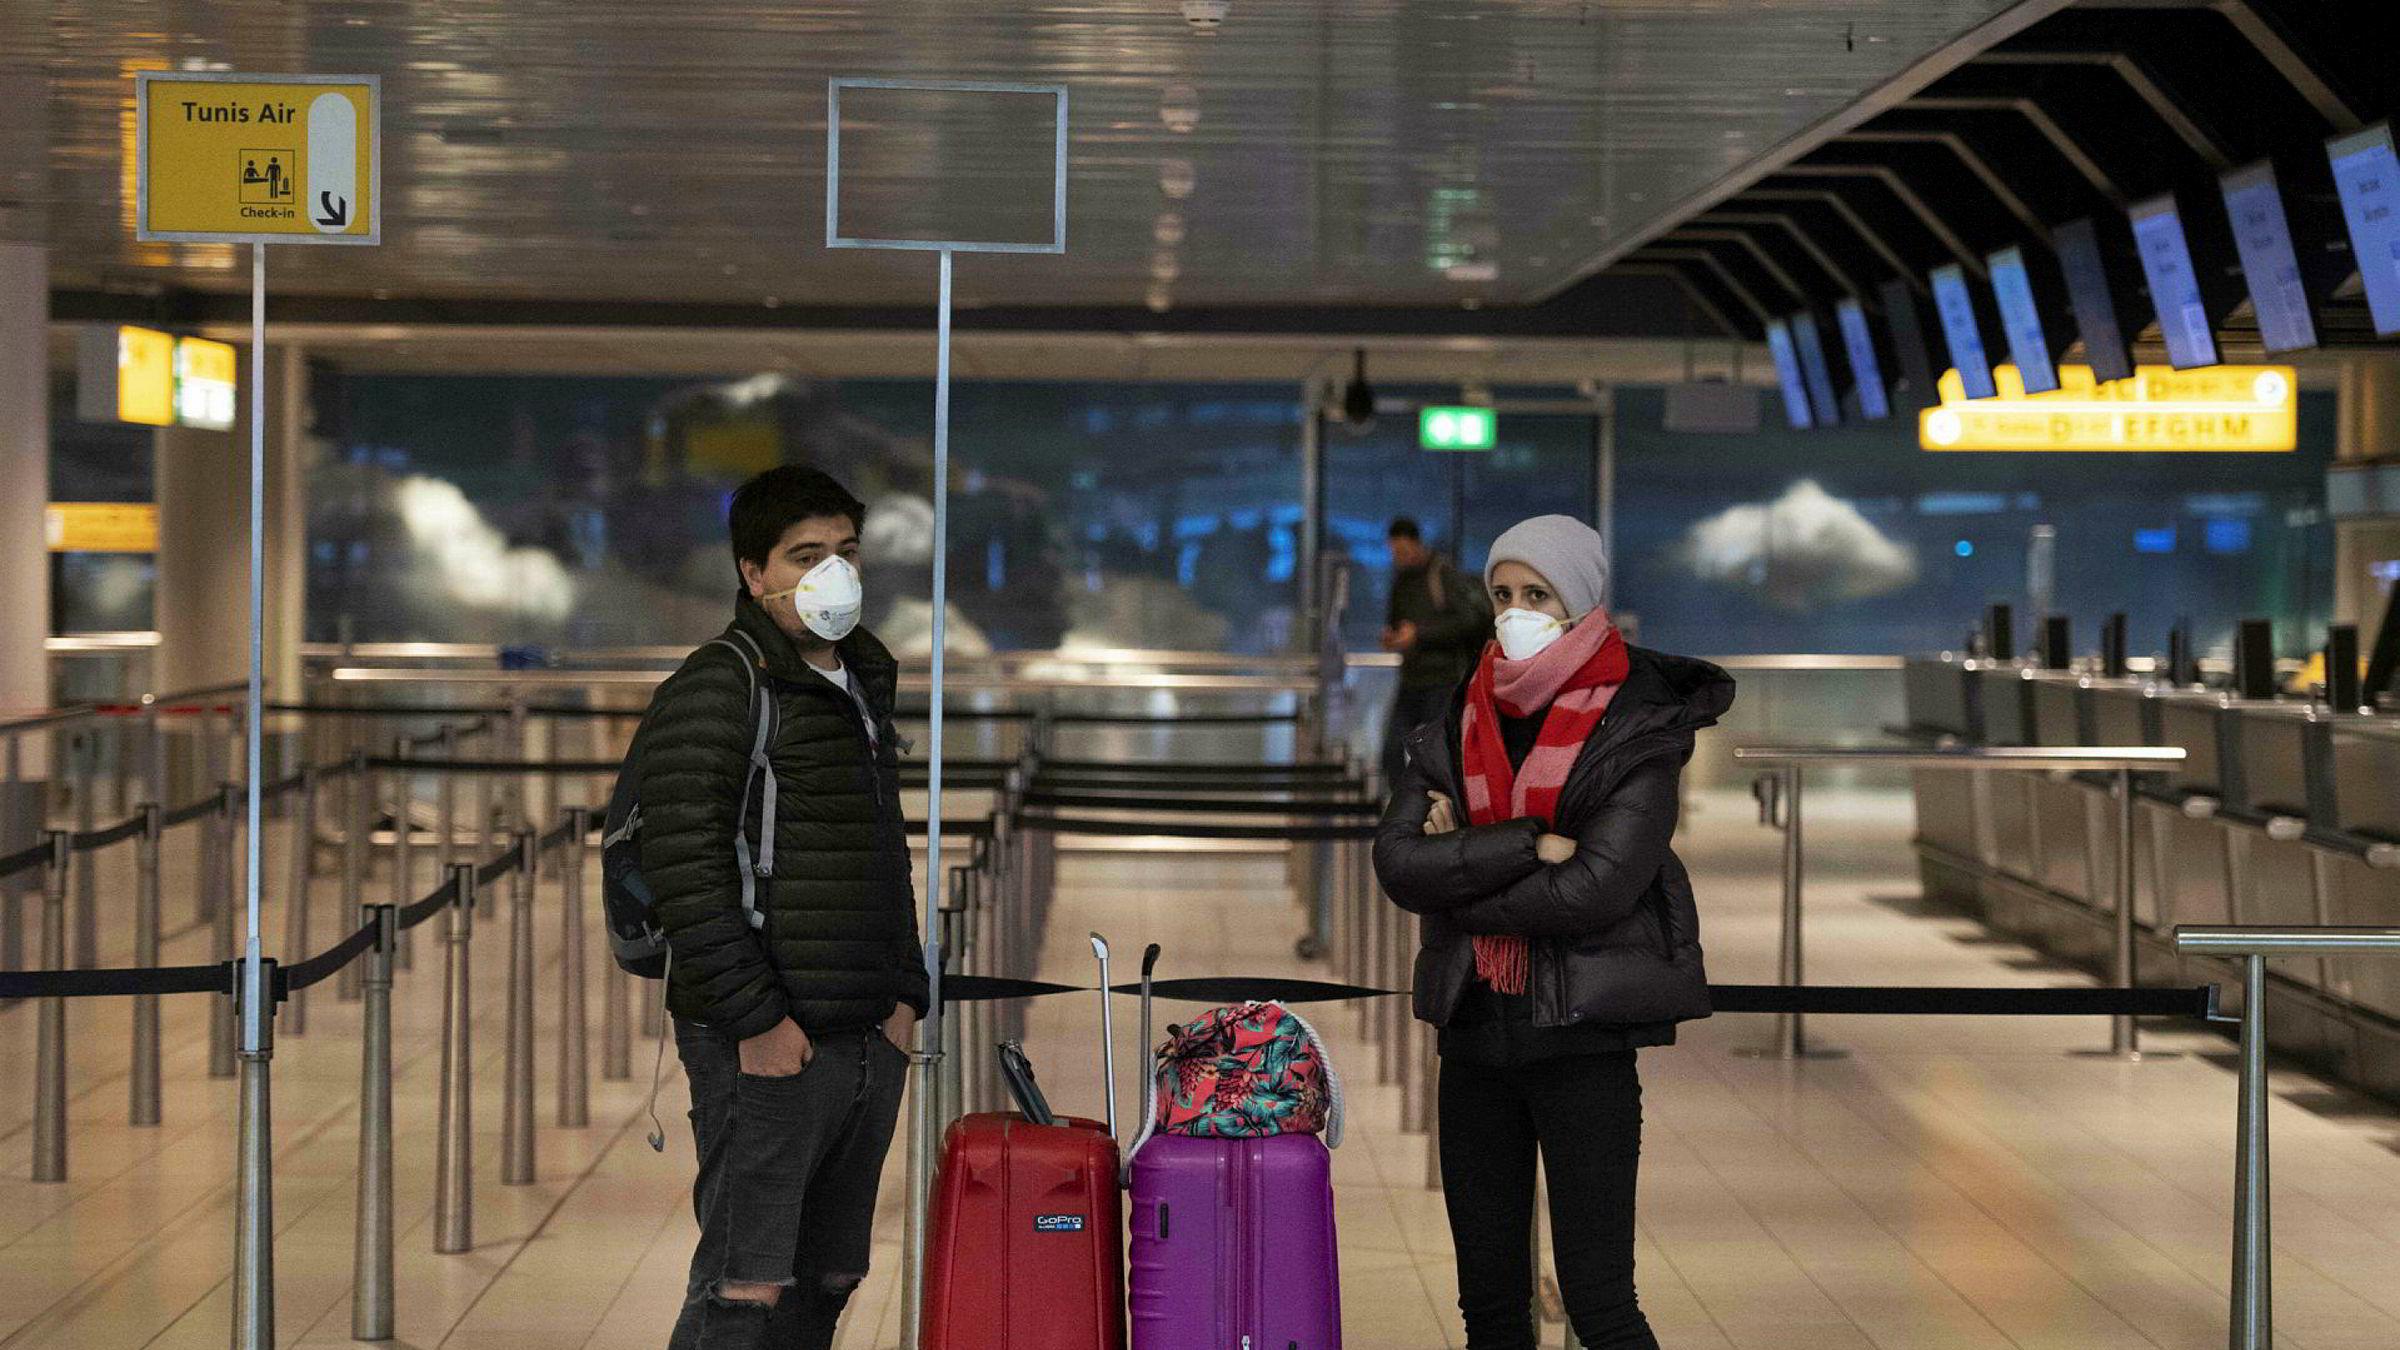 Flytrafikken på Schiphol i Nederland er redusert til et minimum. Det er ingen vestlige land som vil akseptere en risiko for krigslignende dødstall, økonomisk ruin og måneder av isolasjon igjen, skriver artikkelforfatteren.